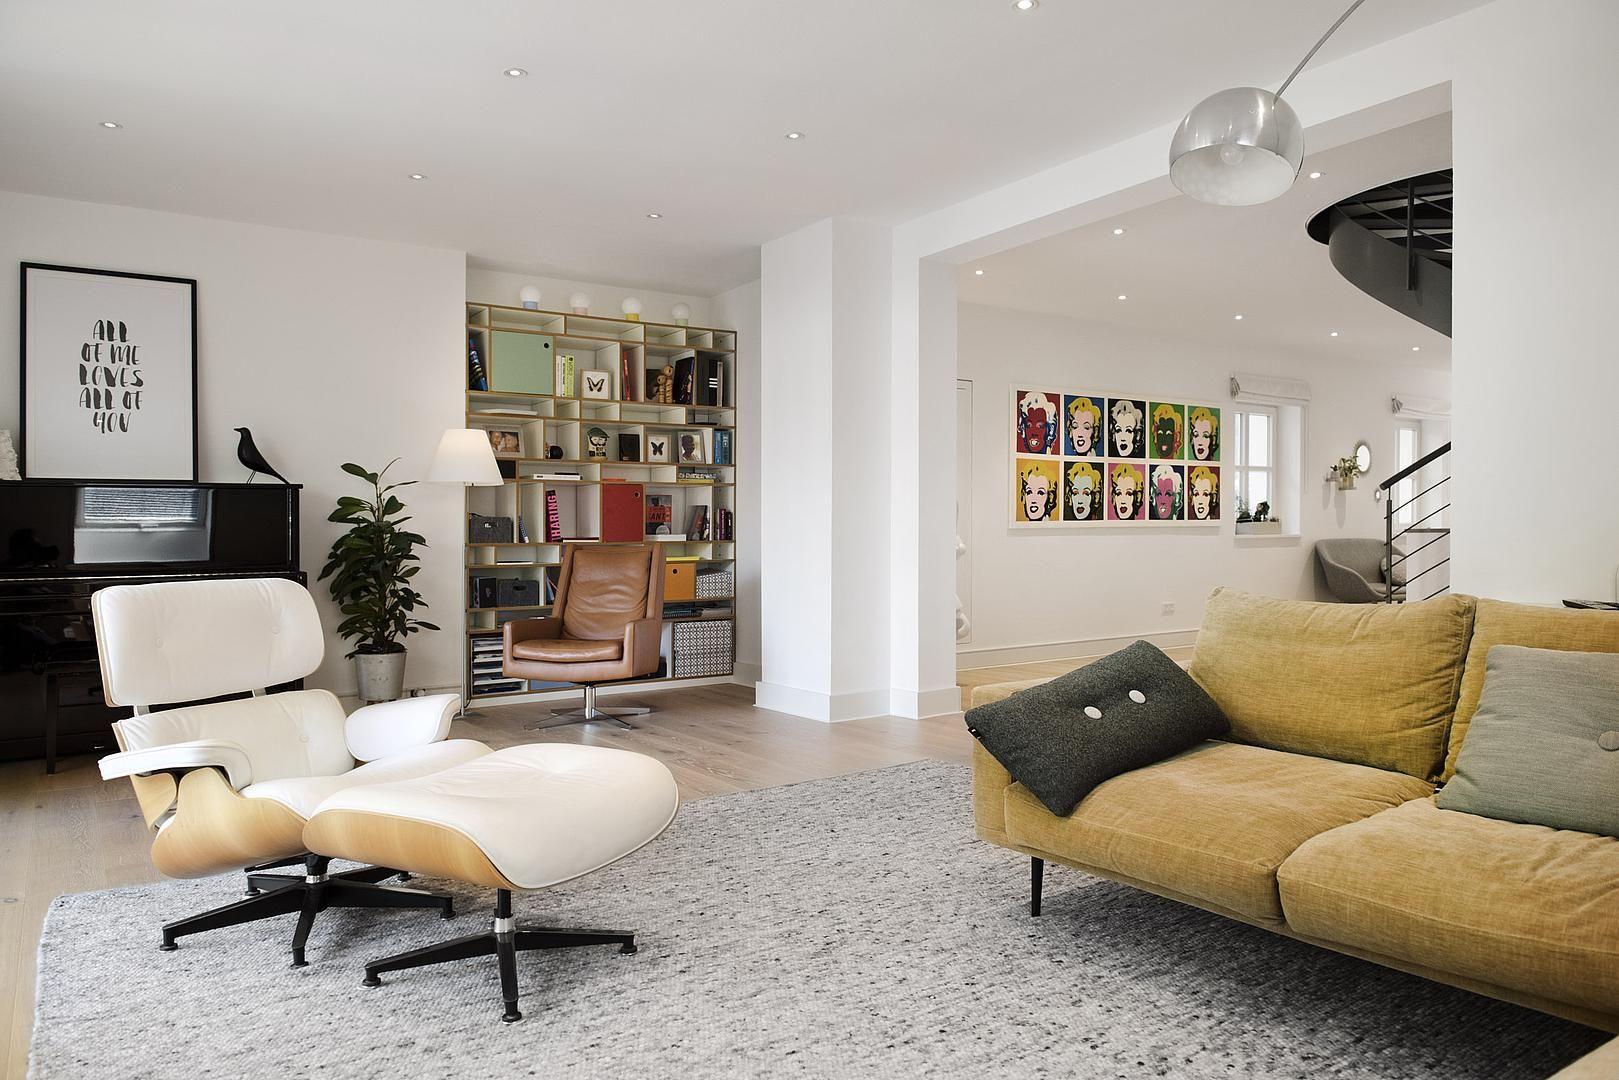 Einrichtungsidee Wohnzimmer & moderne Möbel. Sessel, Leder ...